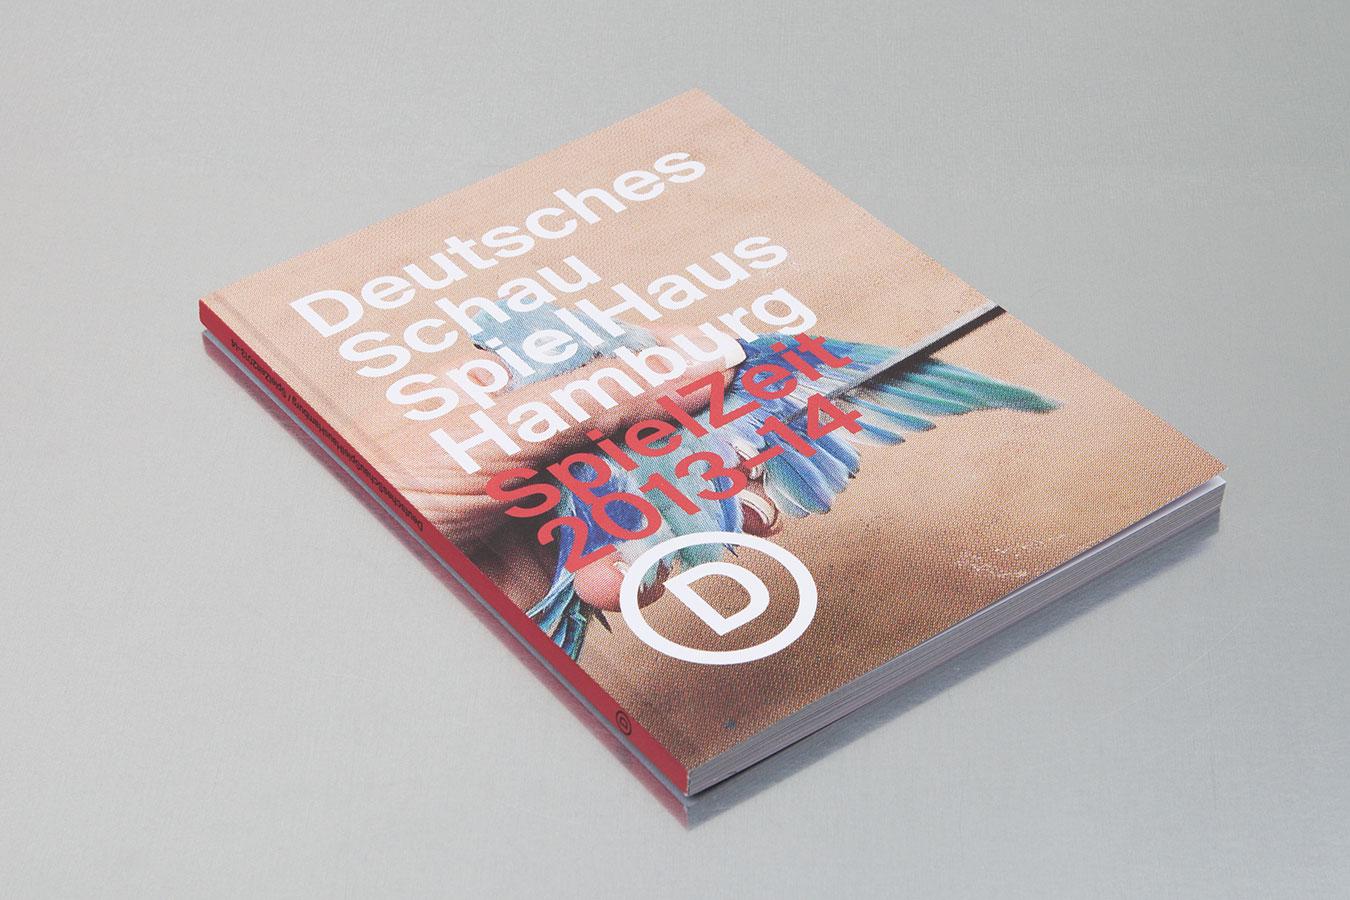 Deutsches Schauspielhaus Hamburg Spielzeitbuch 2013